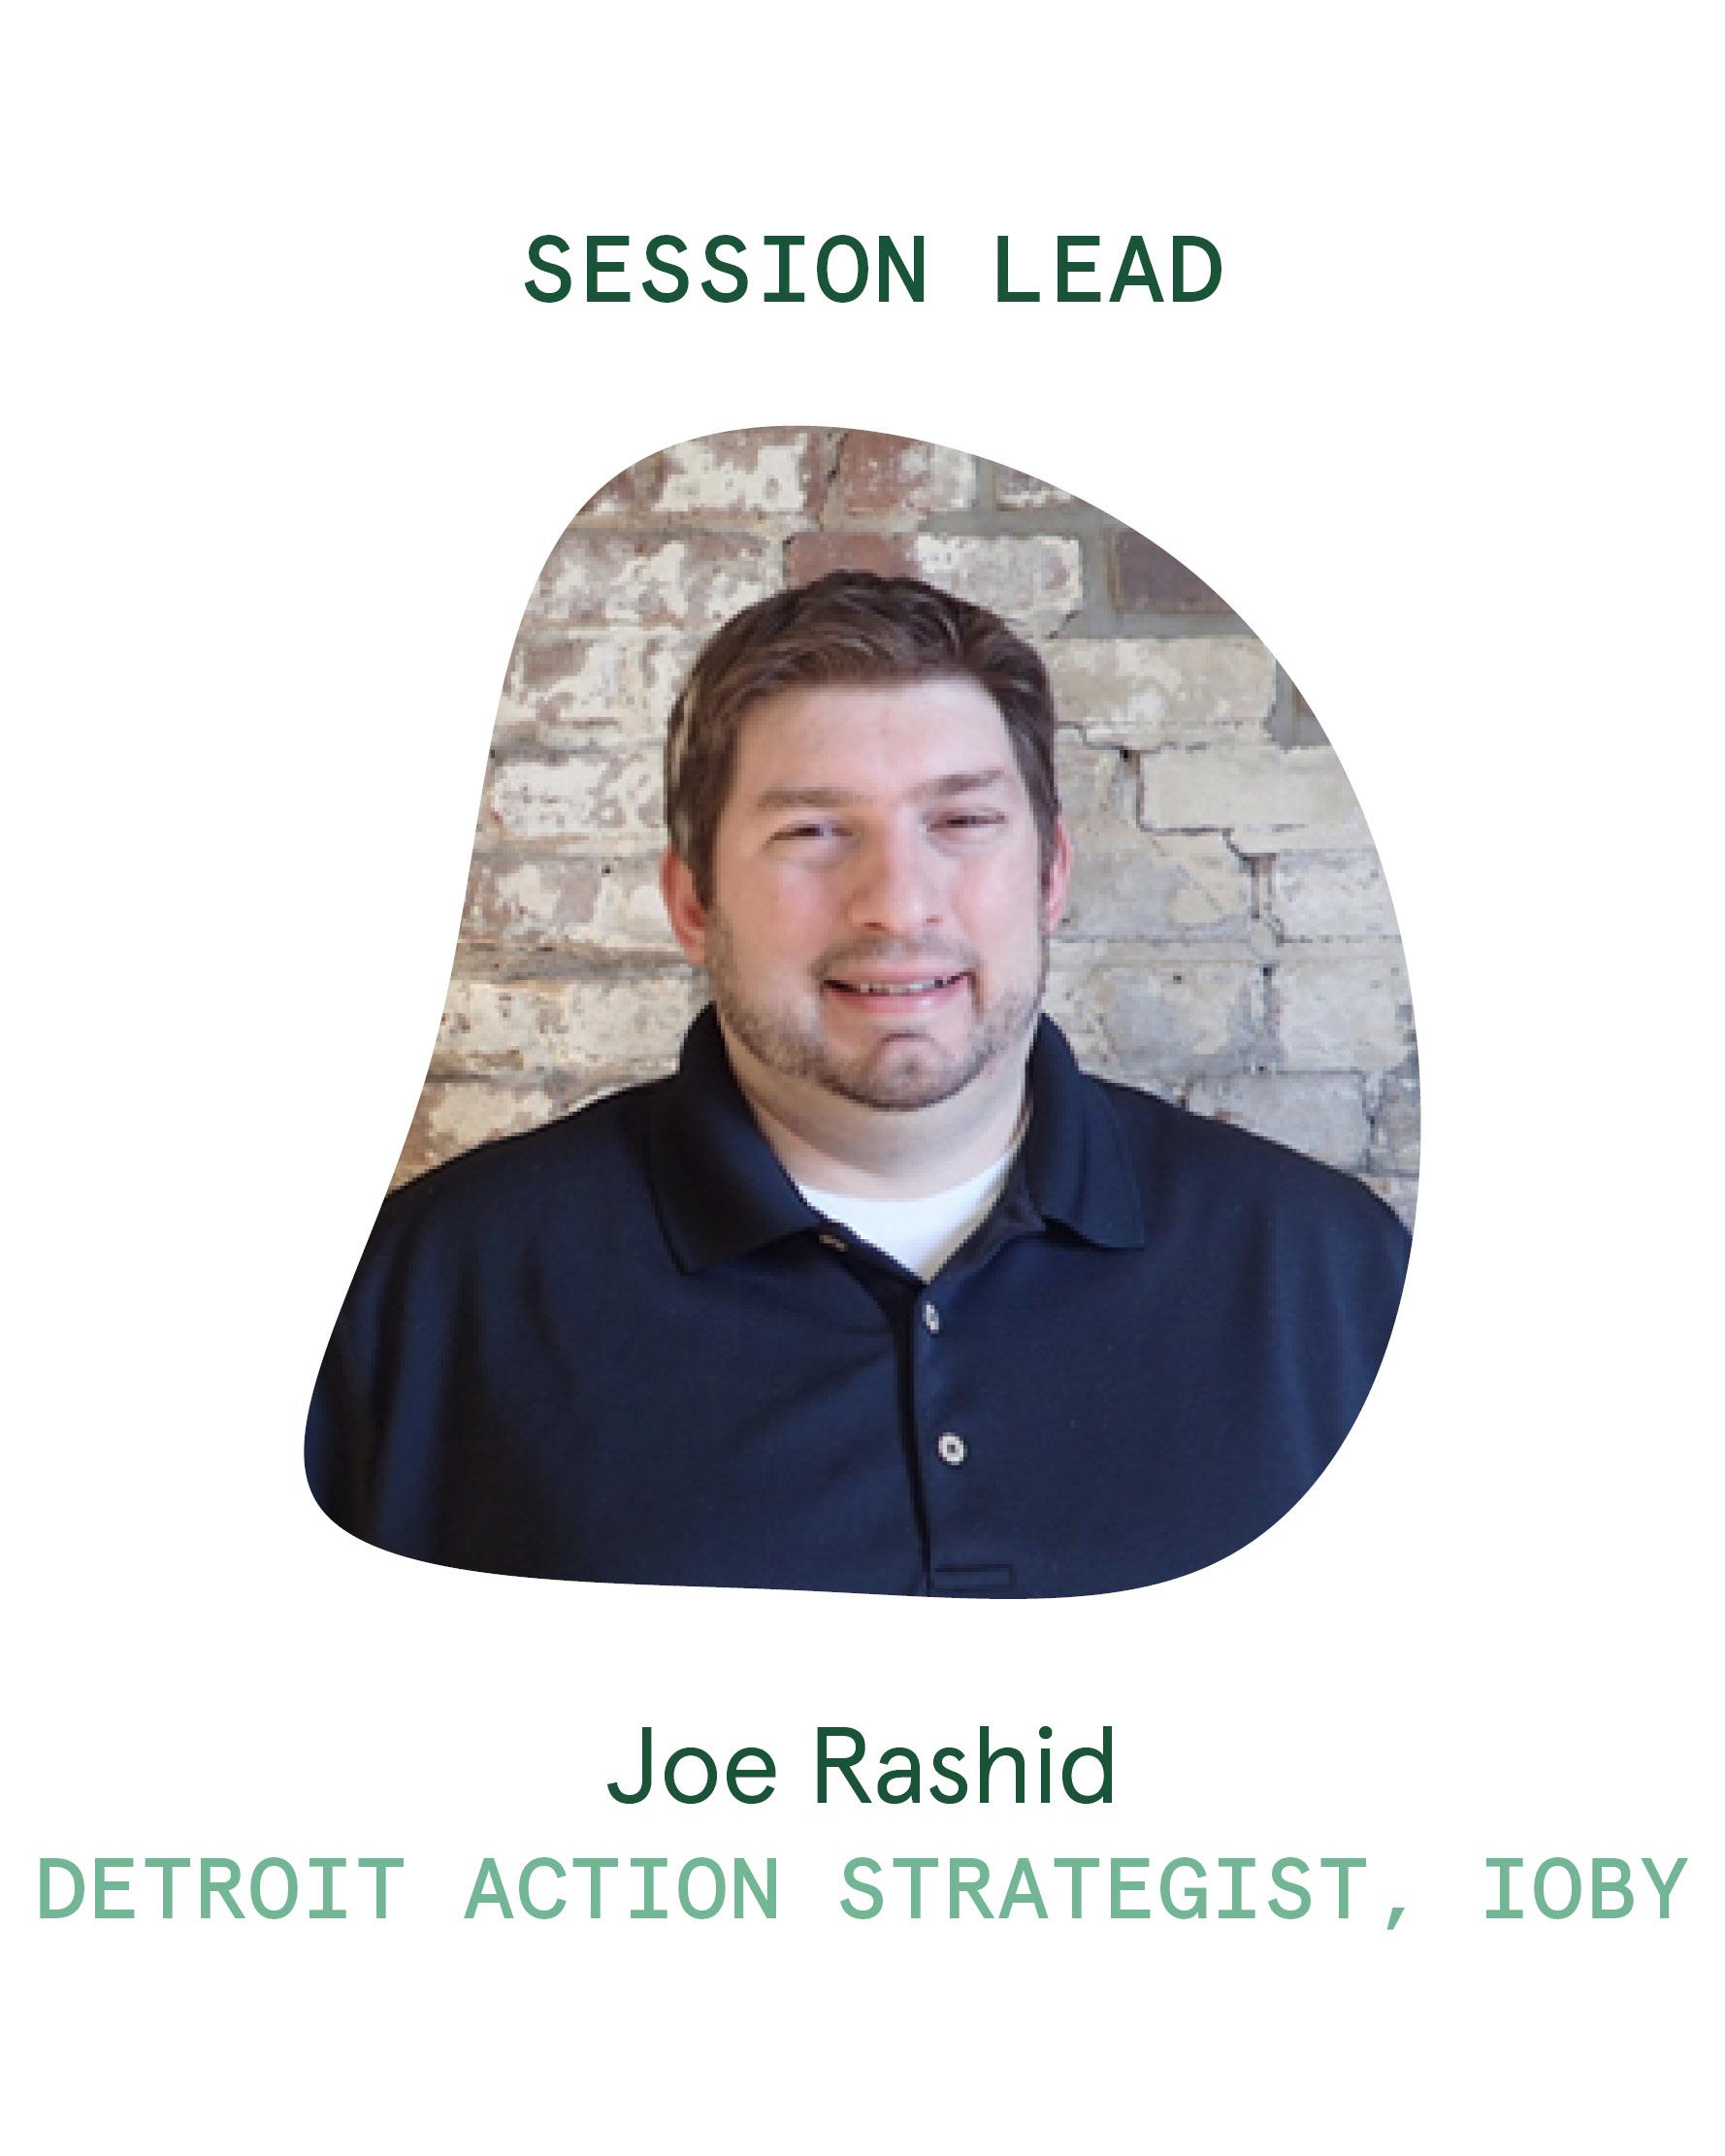 Session Lead_Joe Rashid